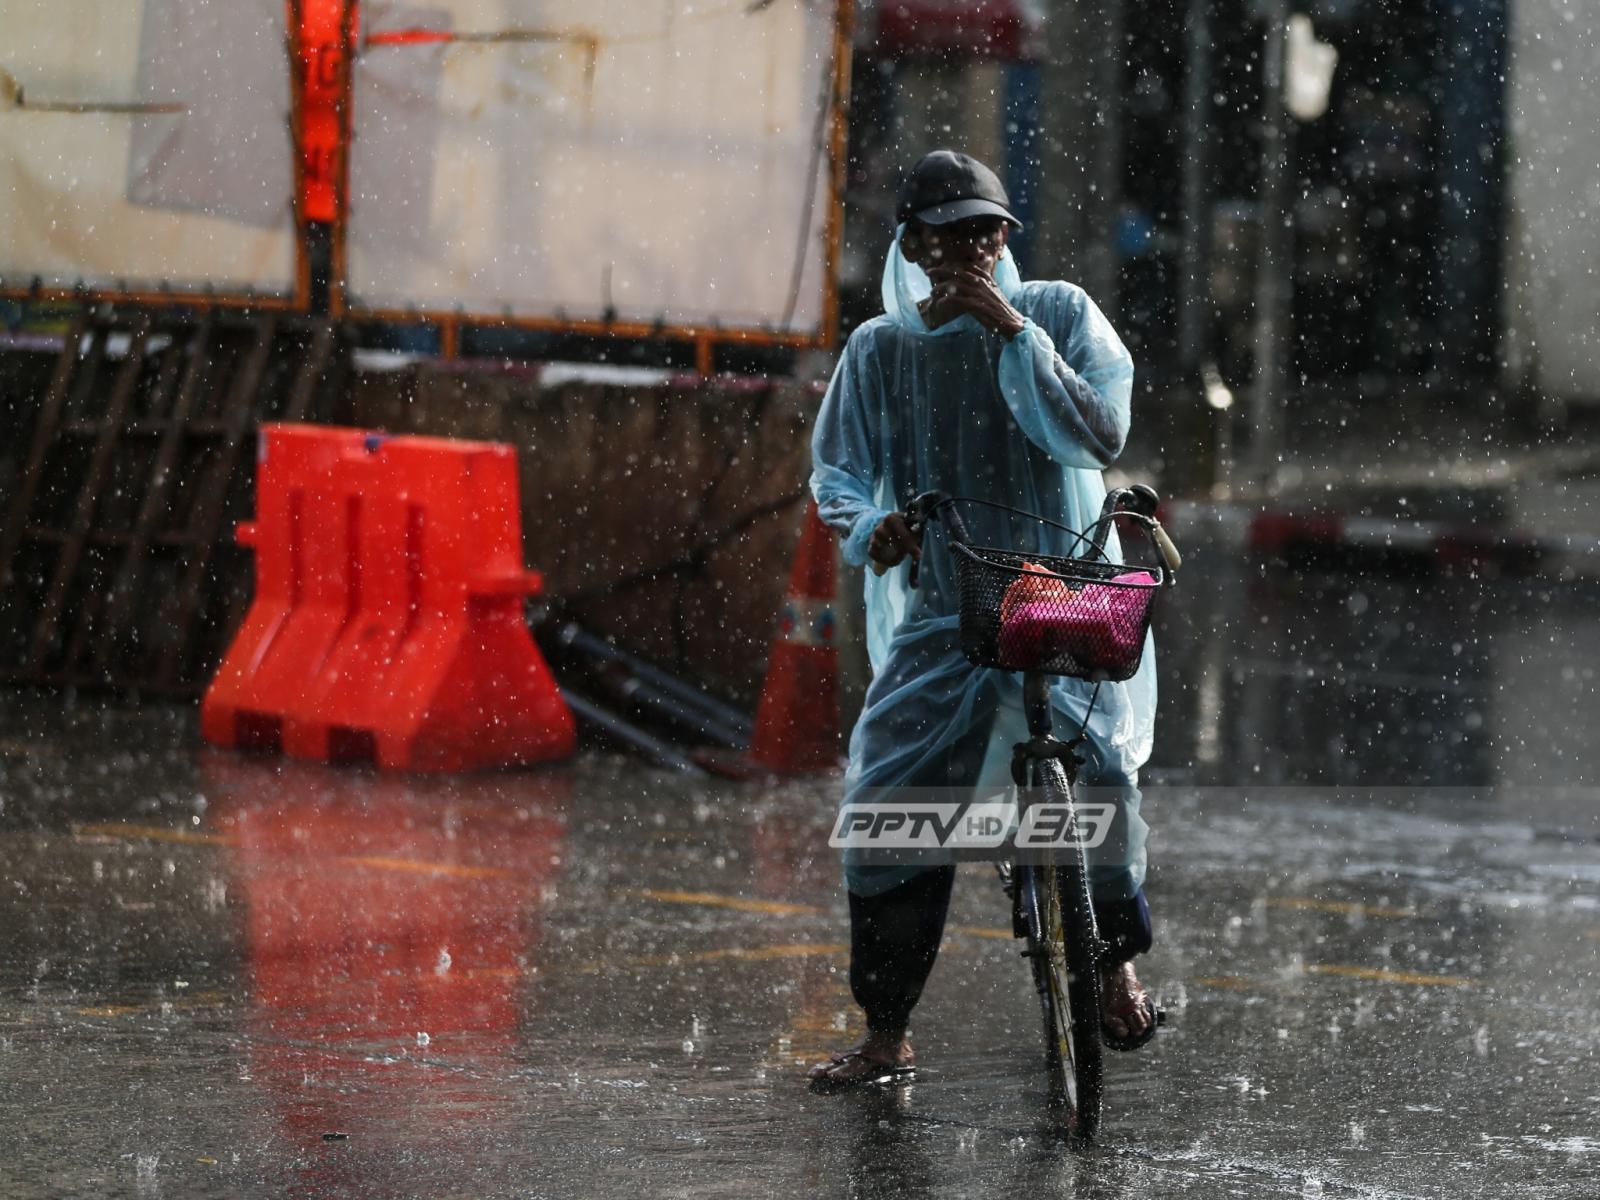 """กรมอุตุฯ เตือน """"ตะวันออก-กลางตอนล่าง-ใต้"""" ฝนตกต่อเนื่อง กทม.มีฝน 60%"""